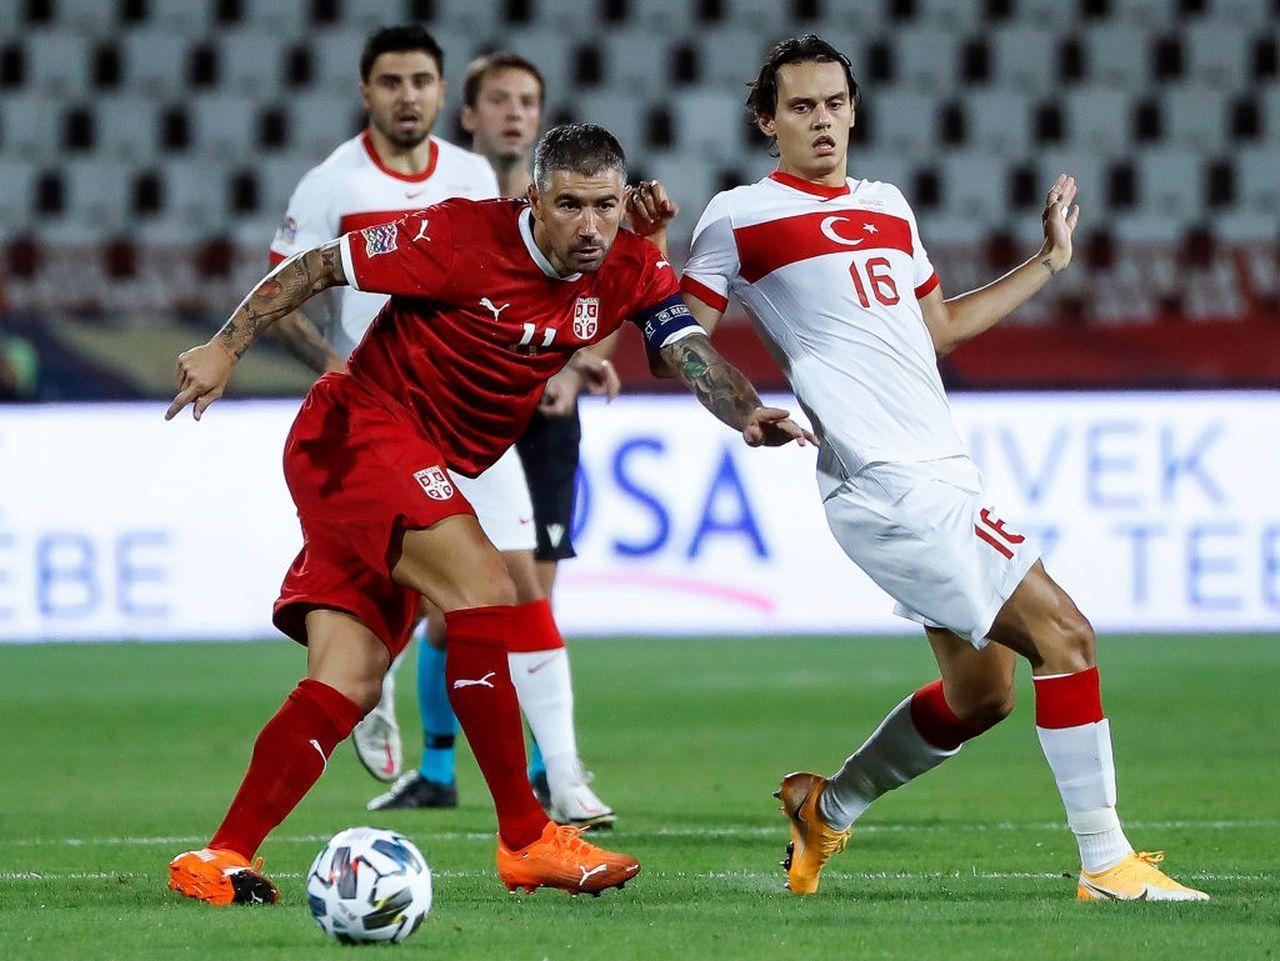 Calciomercato Inter | Da Kolarov a Vidal: il punto sulle trattative